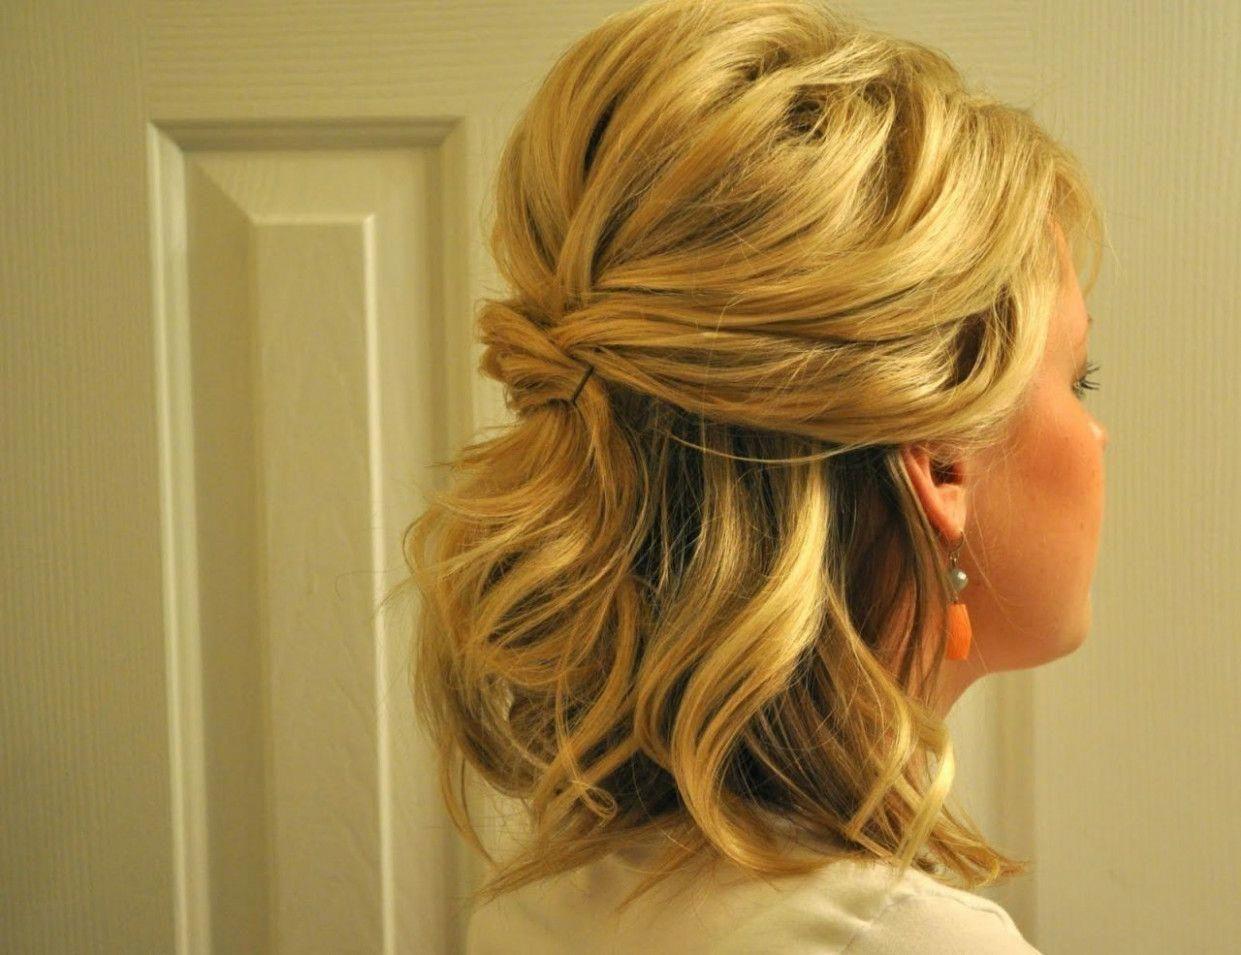 Updos For Medium Hair Half Up Half Down Half Up Half Down Wedding Hairstyles For Hair Frisur Hochgesteckt Geflochtene Frisuren Hochsteckfrisur